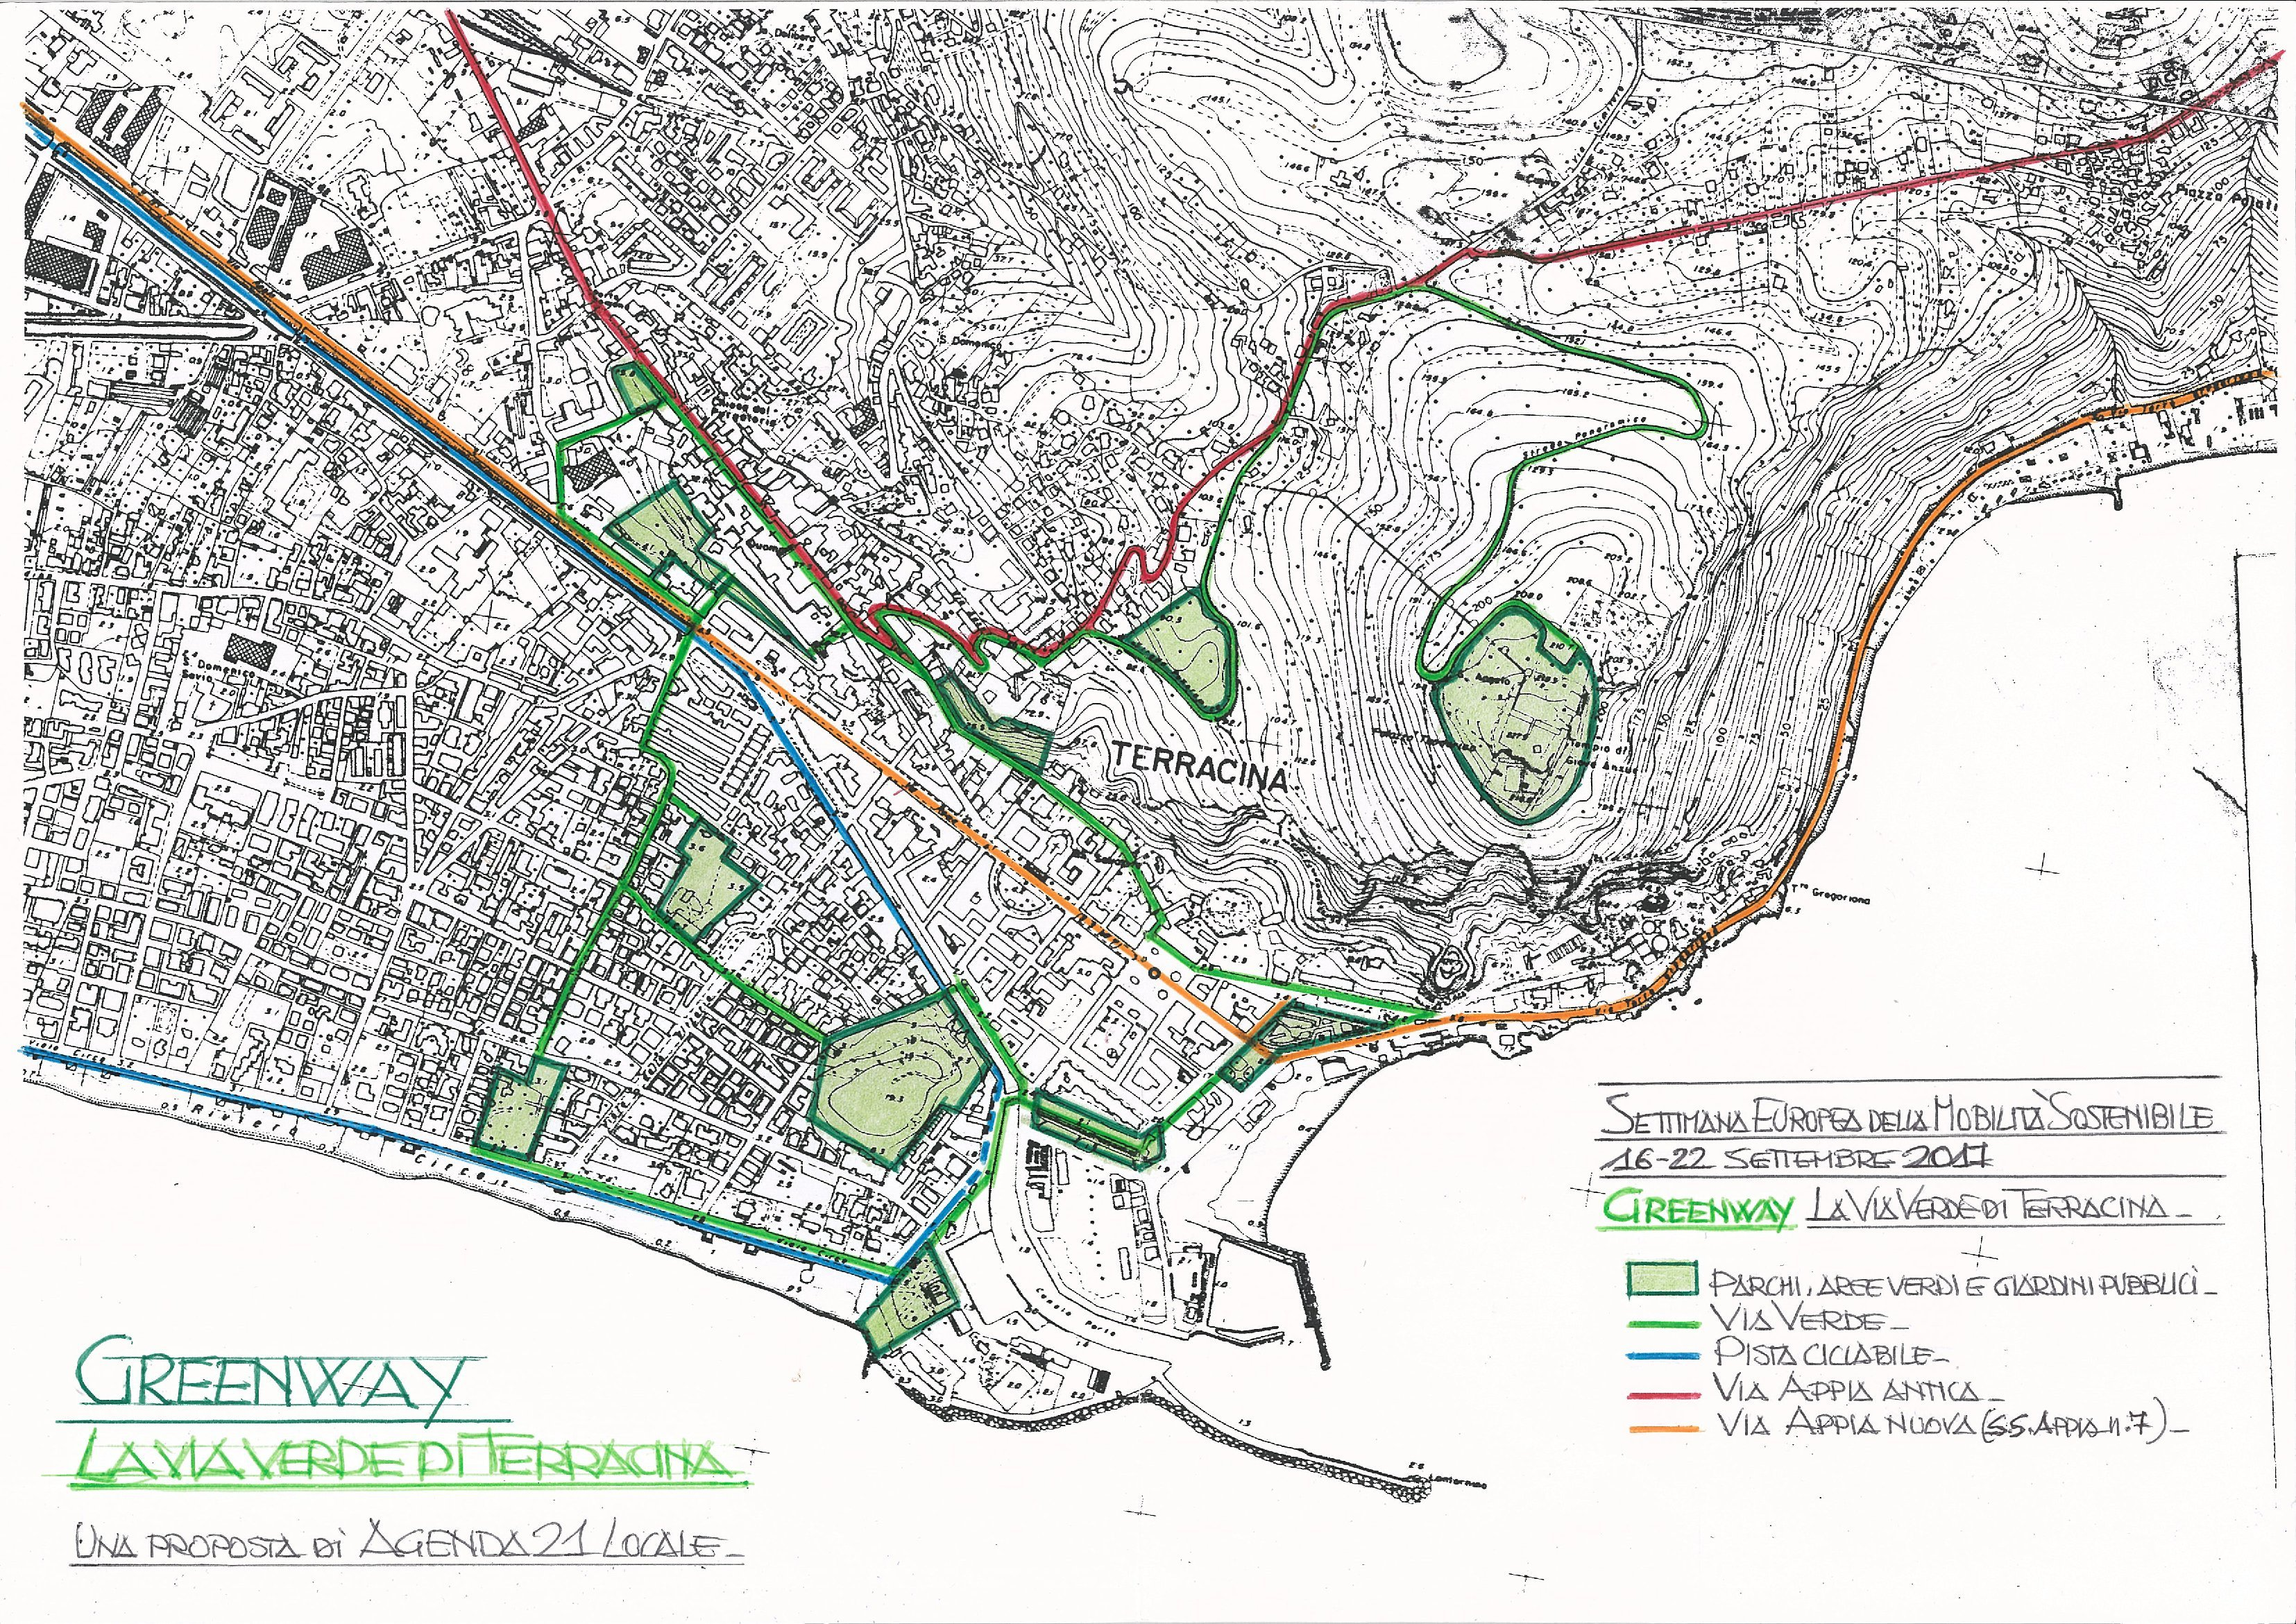 green_way-la_via_verde